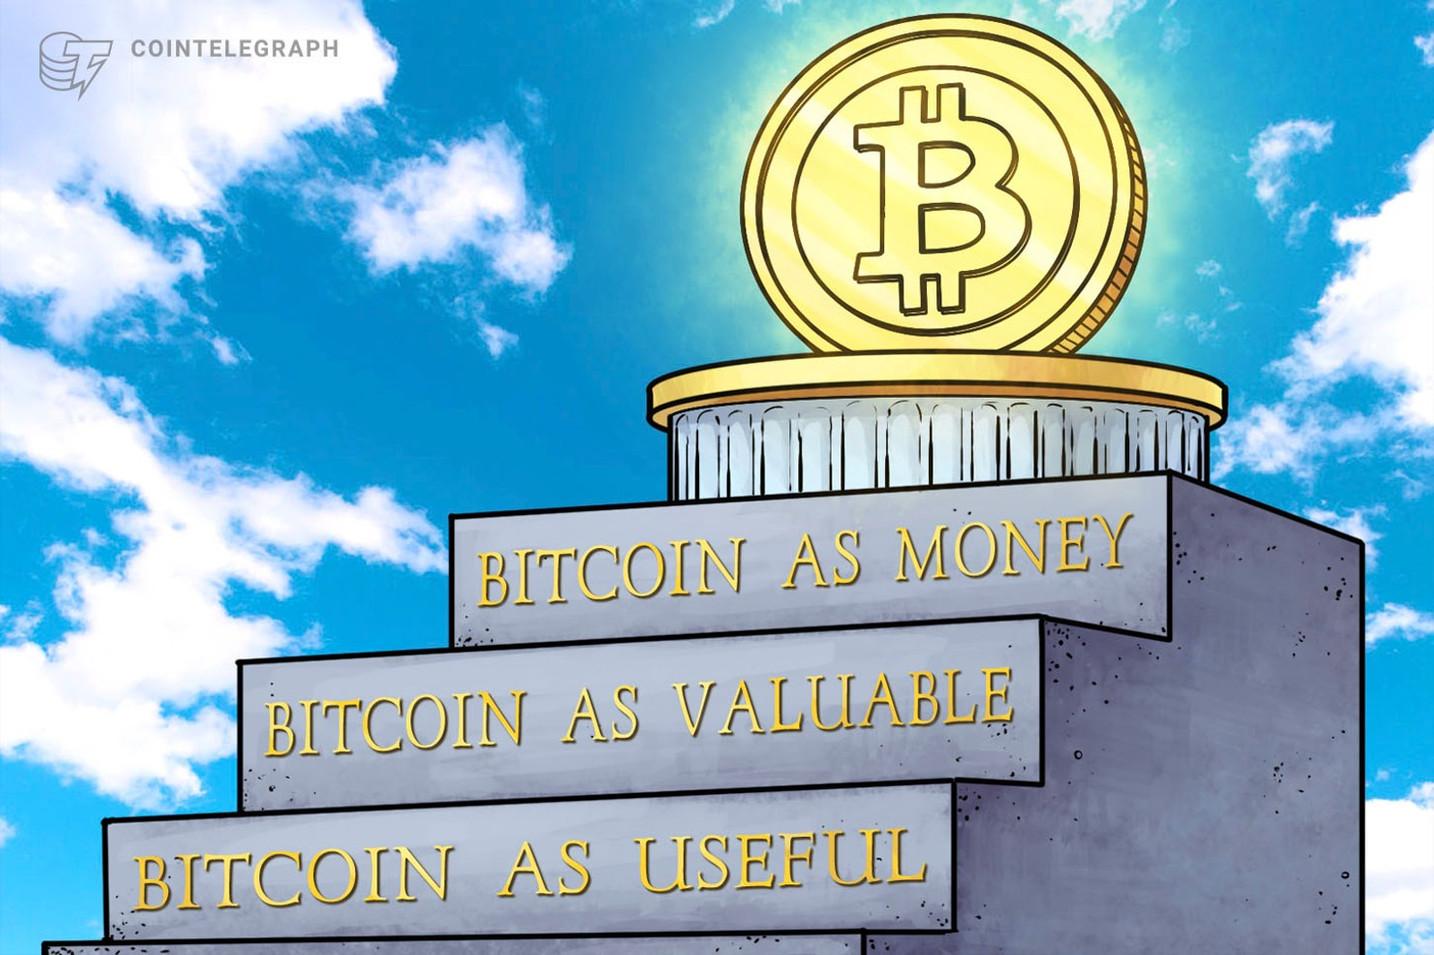 アダム・バック氏「仮想通貨ビットコインが10万ドル超えるのは遠くない」【仮想通貨相場】